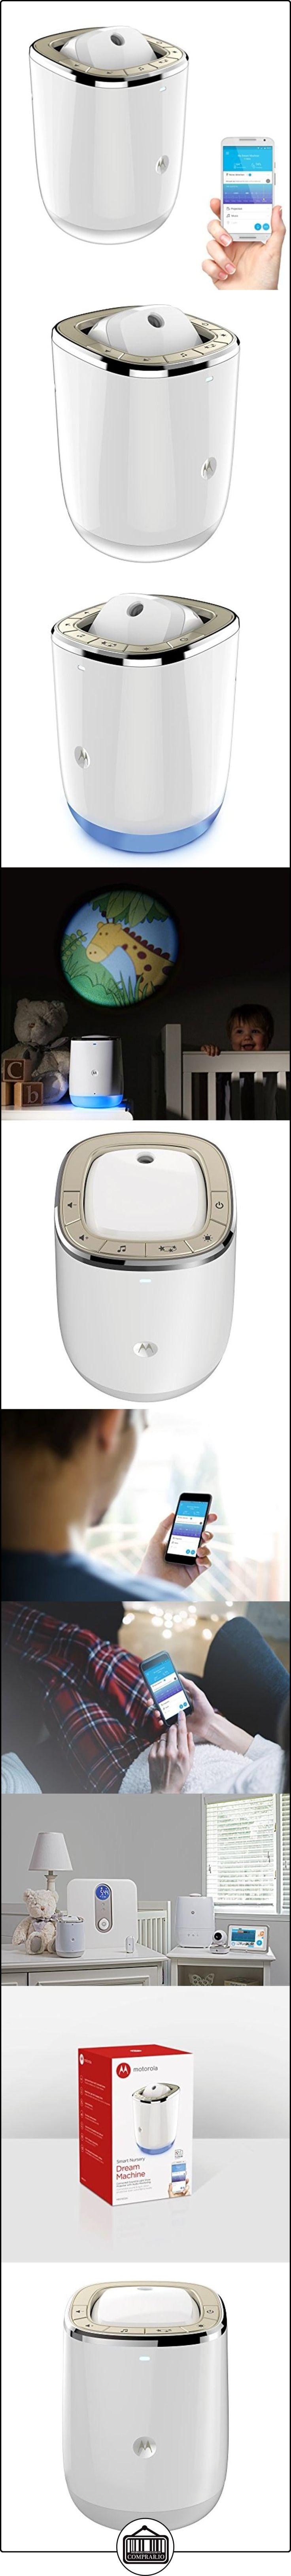 Motorola Smart Nursery Dream Machine-Proyector de luces y sonidos conectable con Monitoreo Audio-blanco  ✿ Vigilabebés - Seguridad ✿ ▬► Ver oferta: http://comprar.io/goto/B01MF9Y4W3